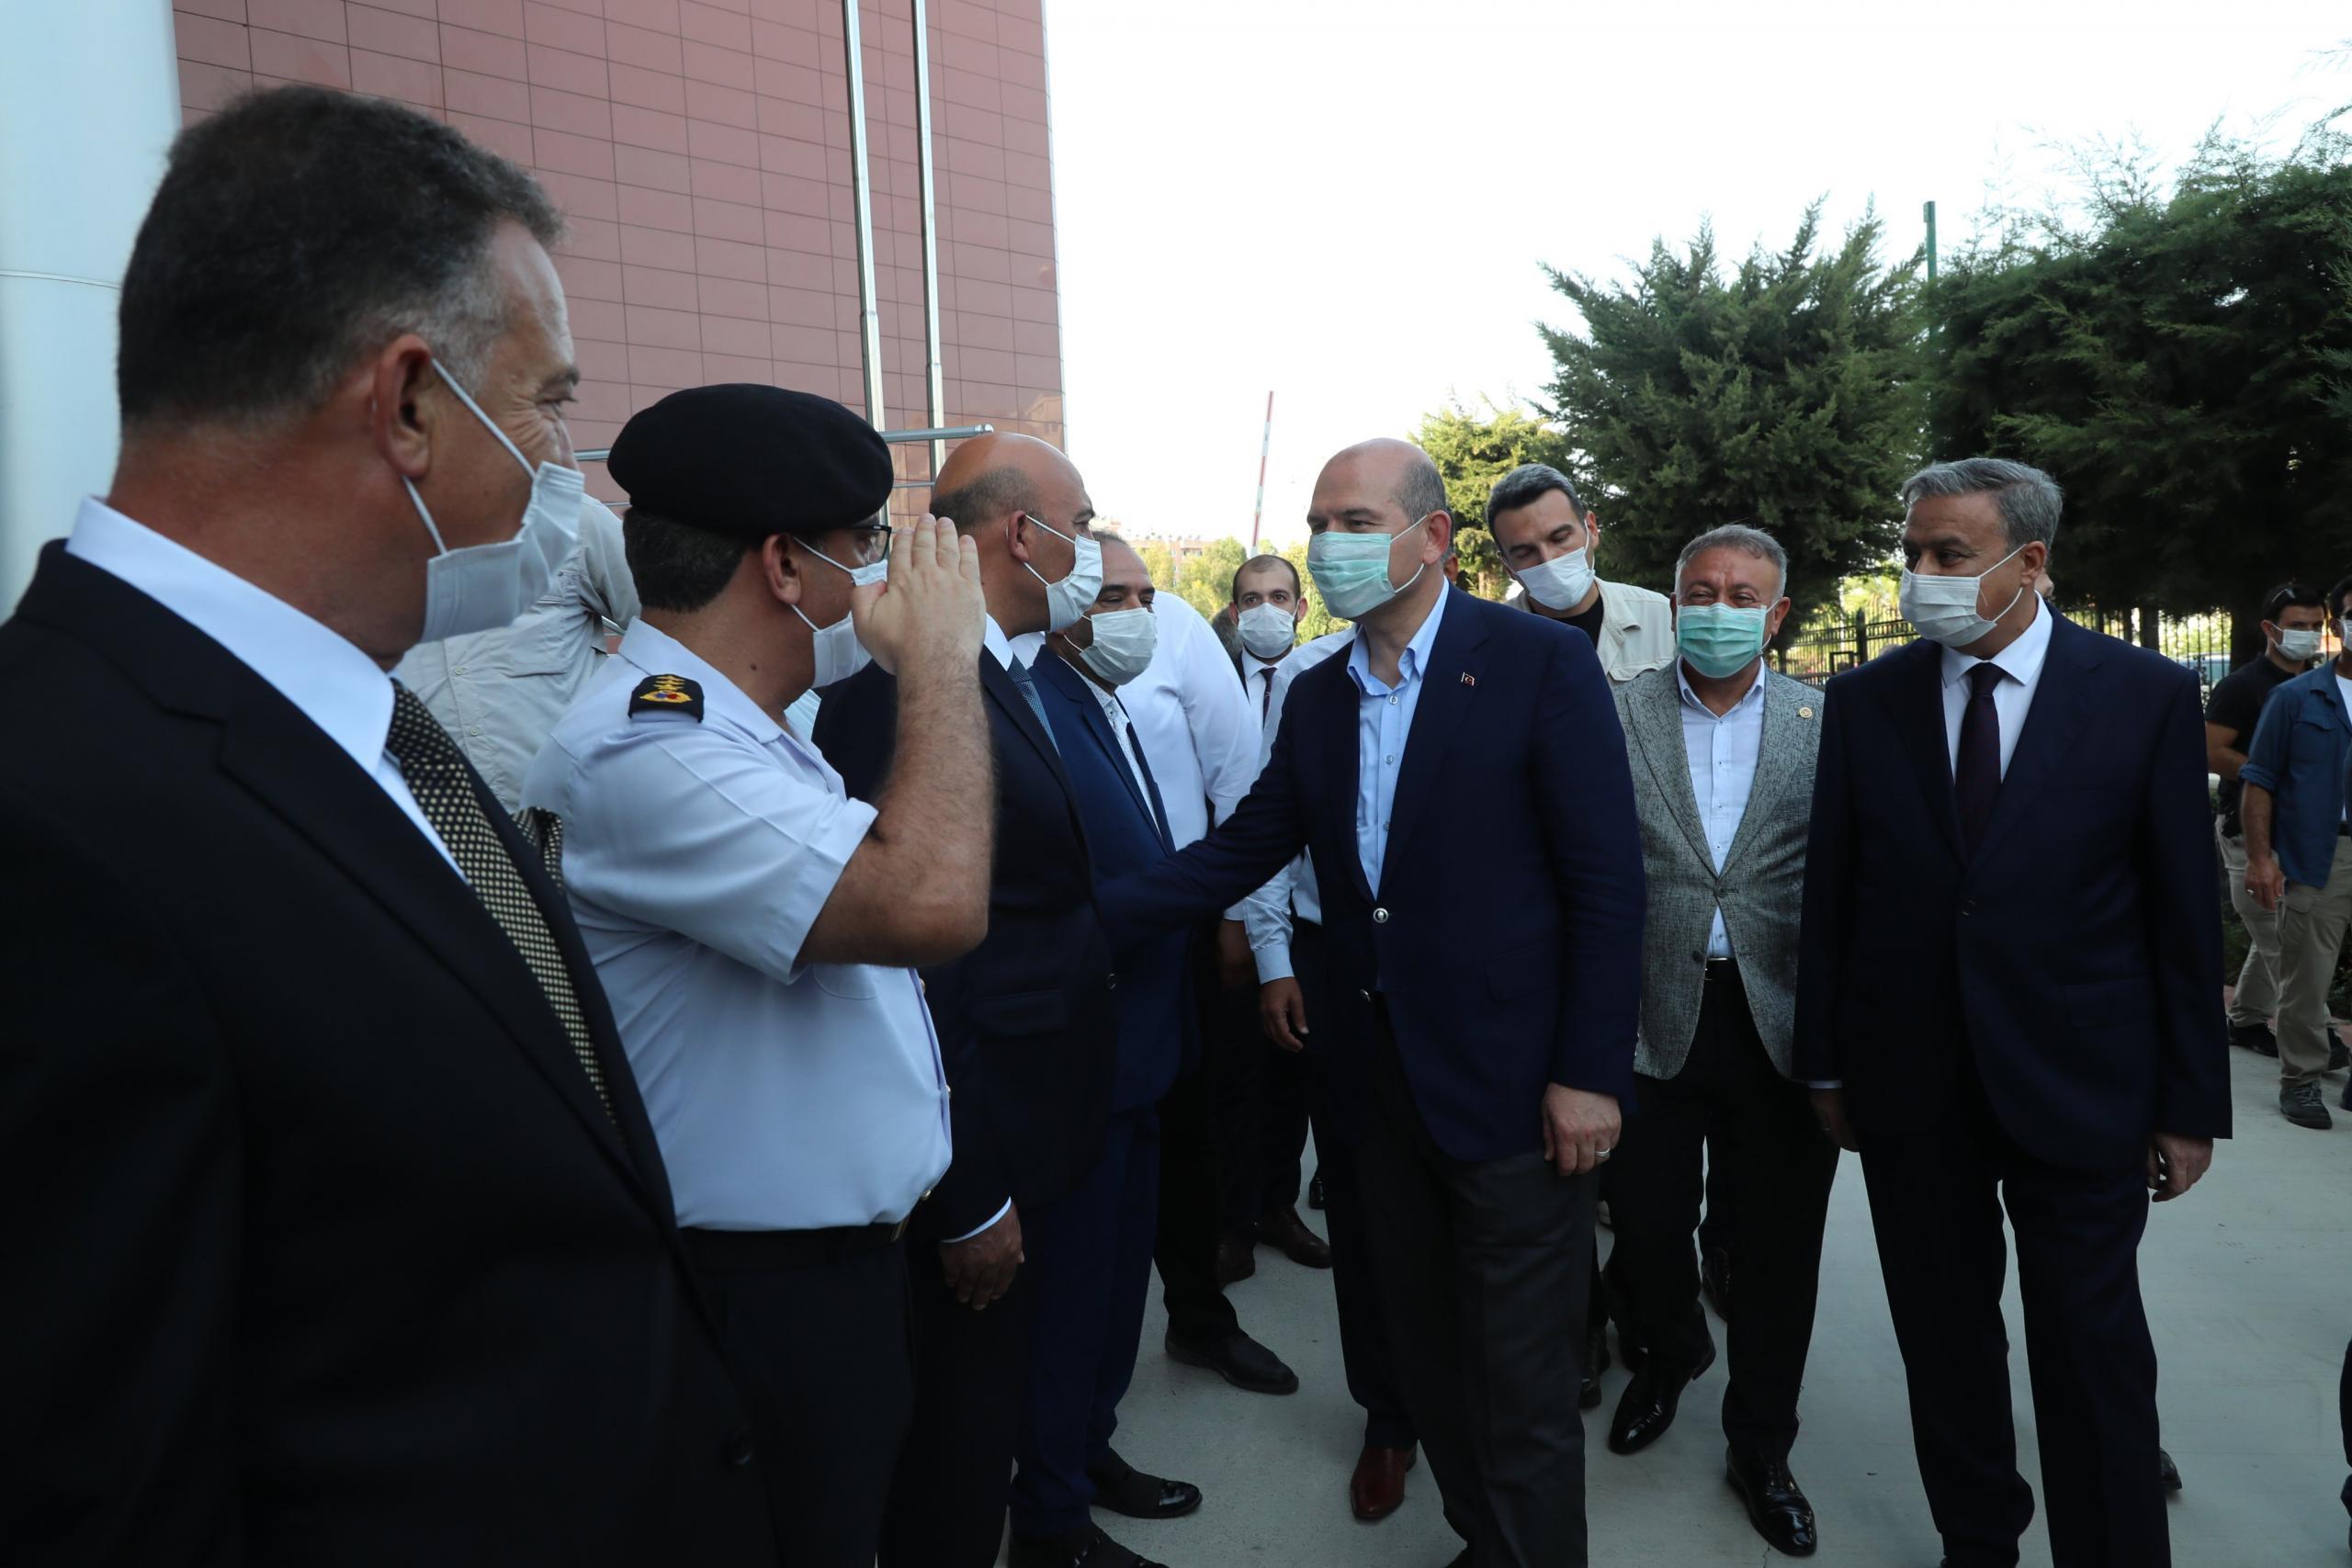 Mersin'de İçişleri Bakanı Soylu'nun başkanlık ettiği güvenlik toplantısı tamamlandı